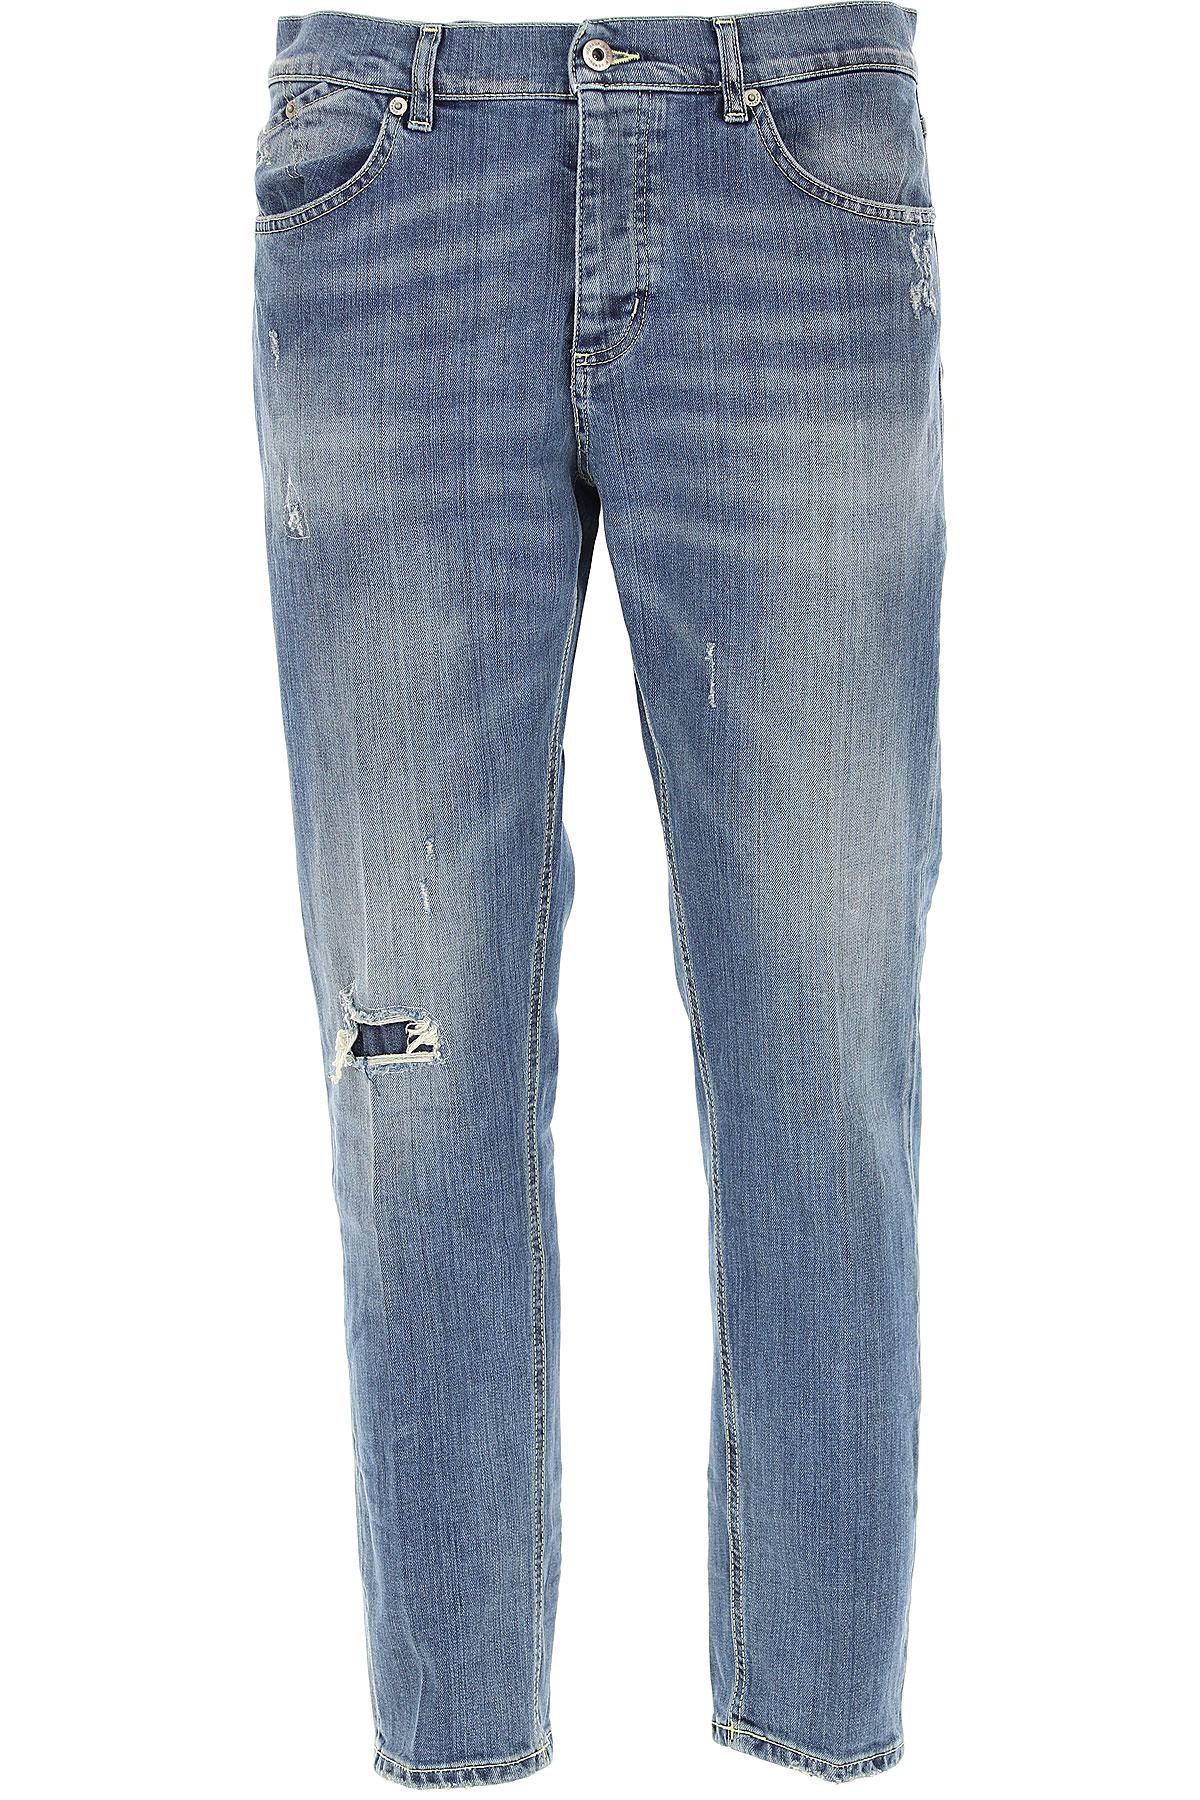 Dondup Jeans, Denim Blue, Cotton, 2017, 30 32 34 36